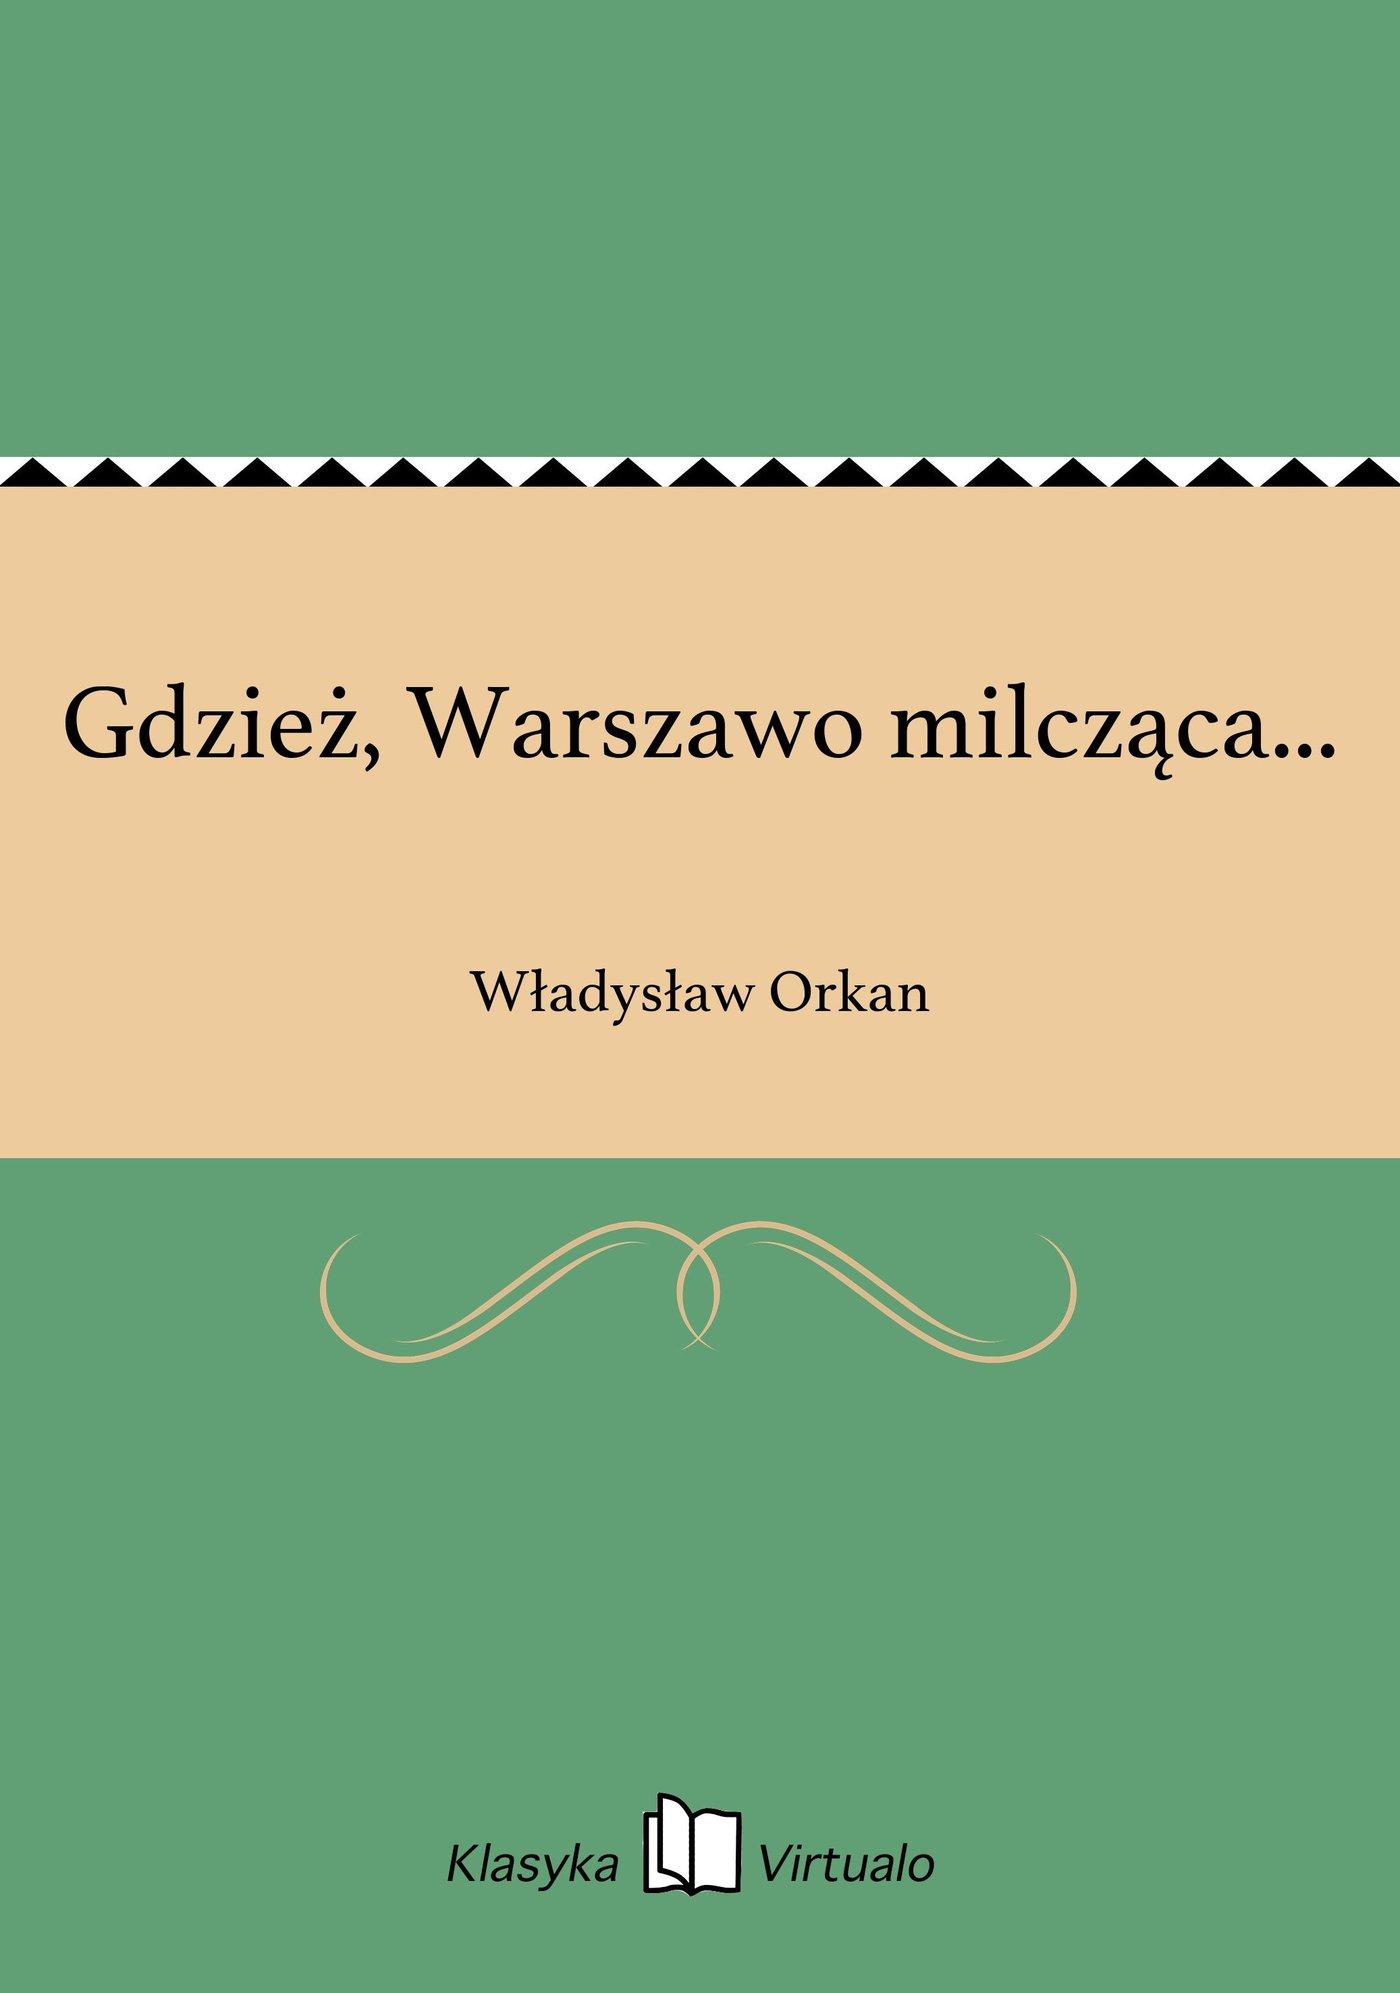 Gdzież, Warszawo milcząca... - Ebook (Książka EPUB) do pobrania w formacie EPUB